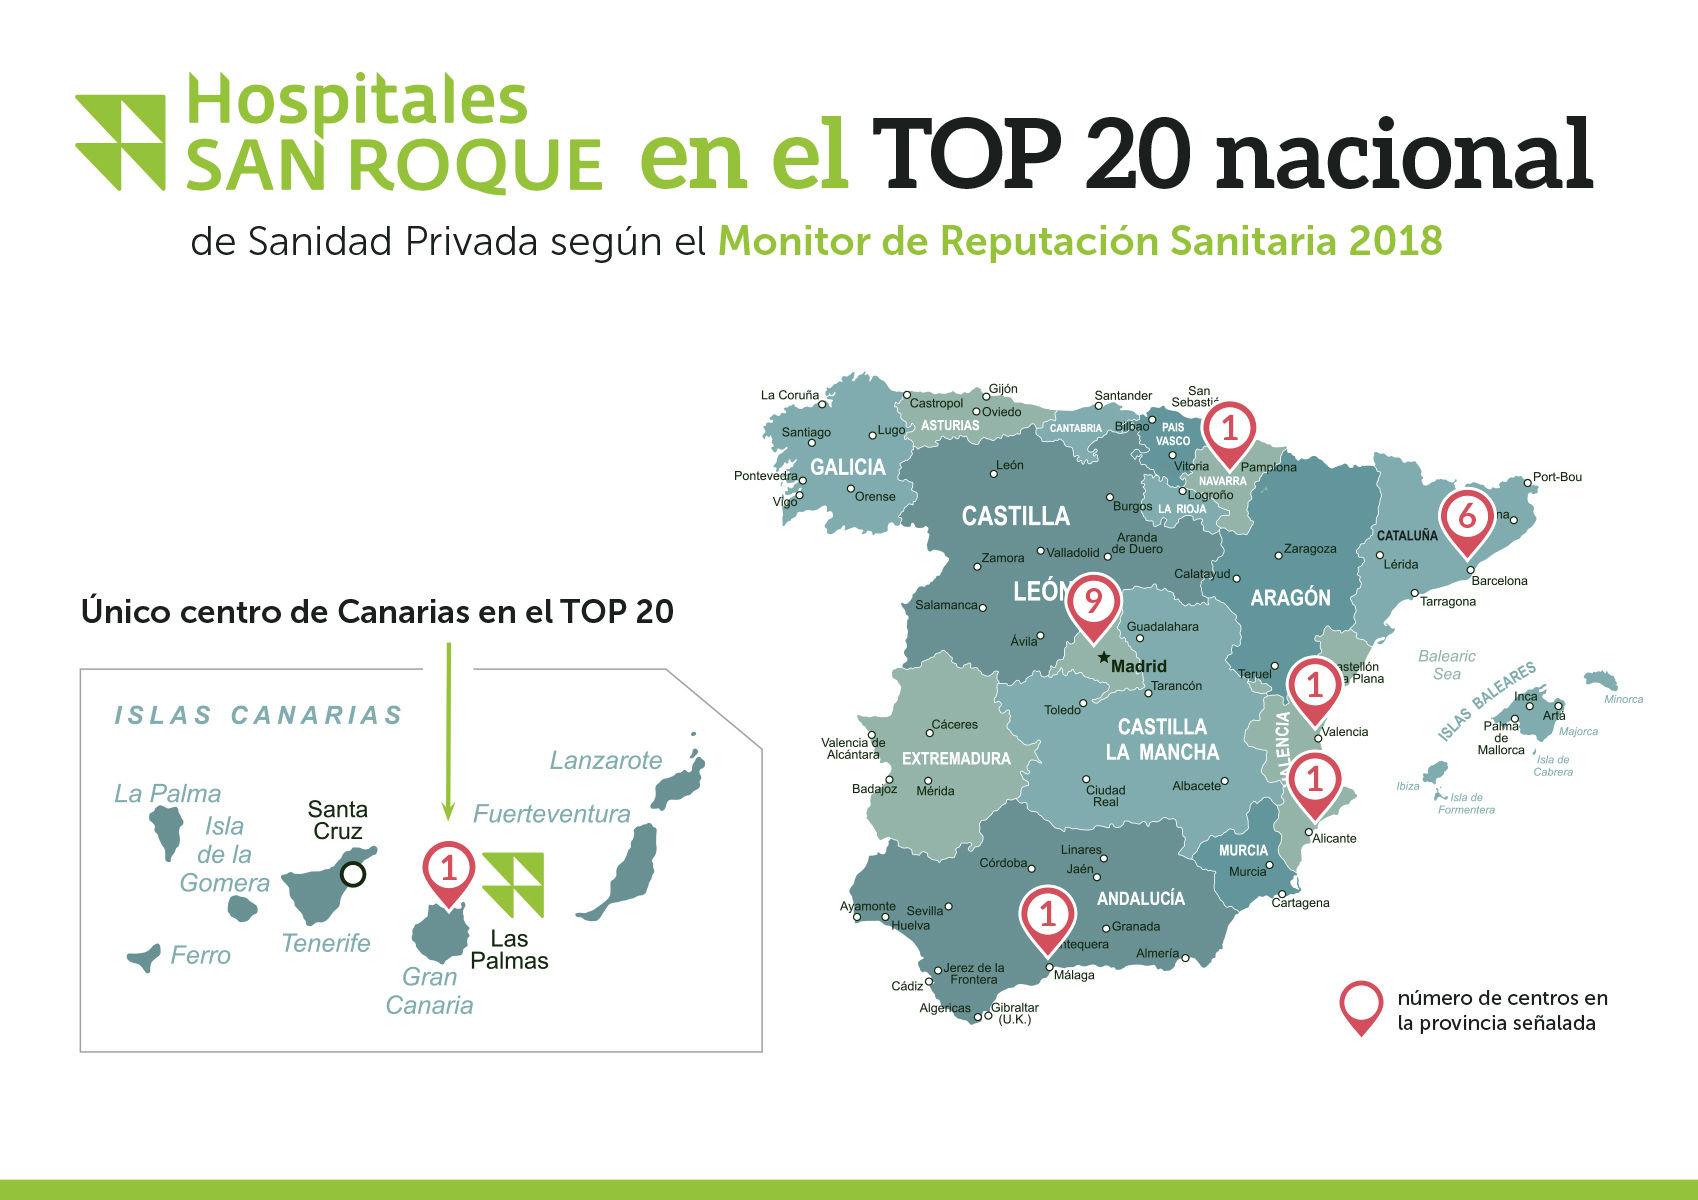 Hospitales San Roque afianza su liderazgo como mejor centro sanitario privado de Canarias